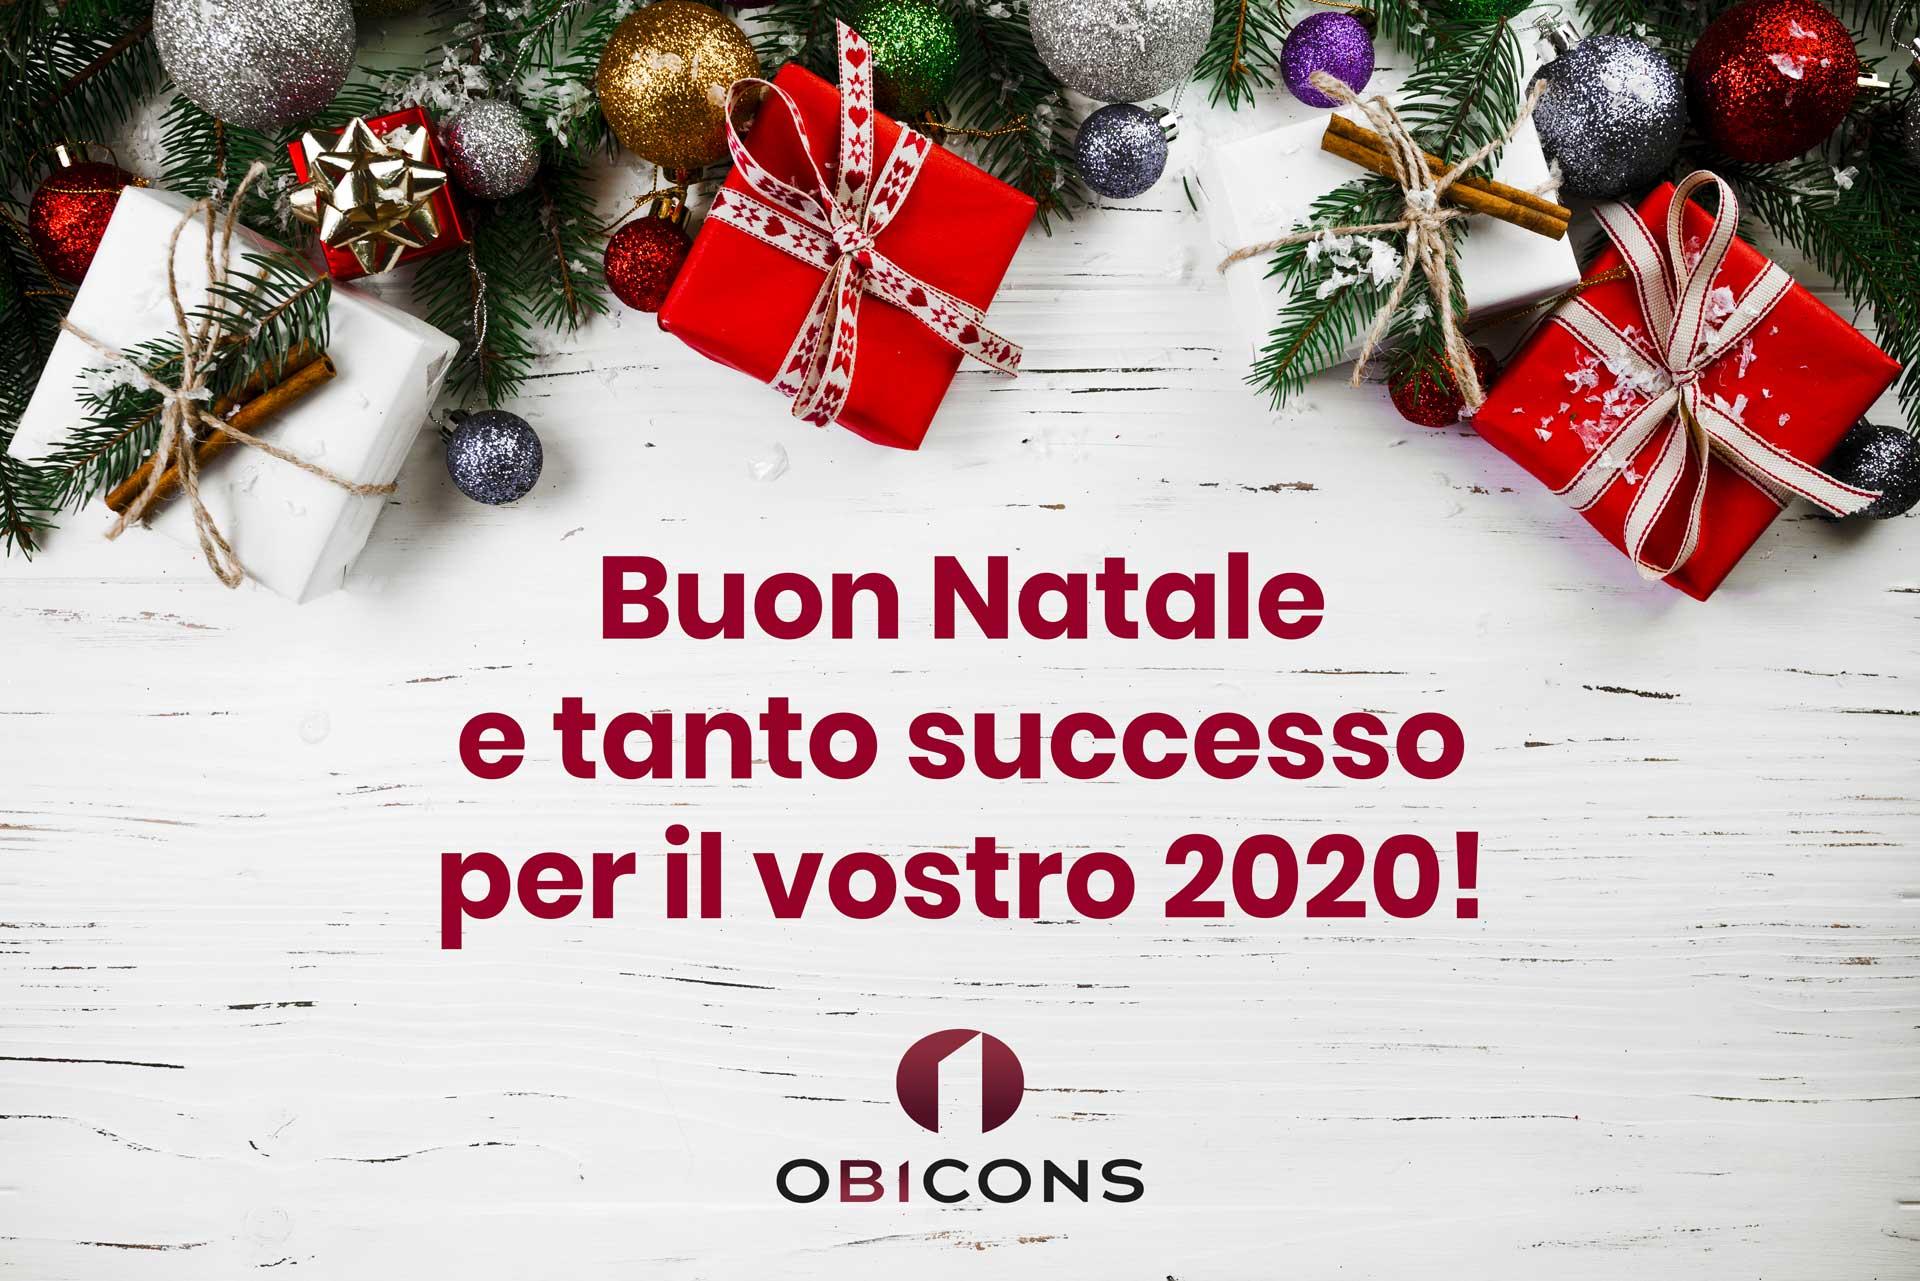 Buon Natale e tanto successo per il vostro 2020 da OBICONS